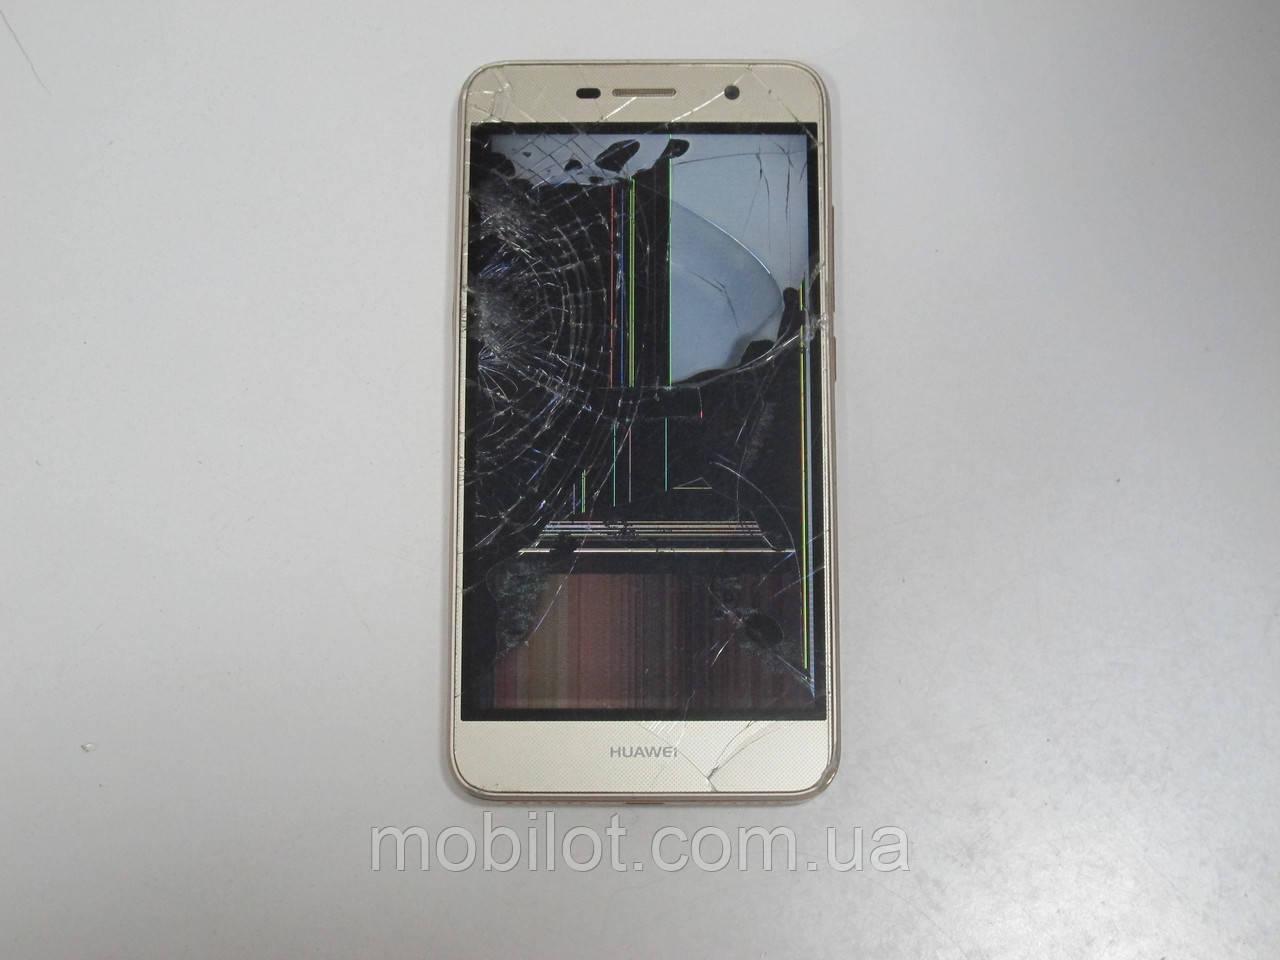 Мобильный телефон Huawei Y6 Pro Titan U02 (TZ-6829)